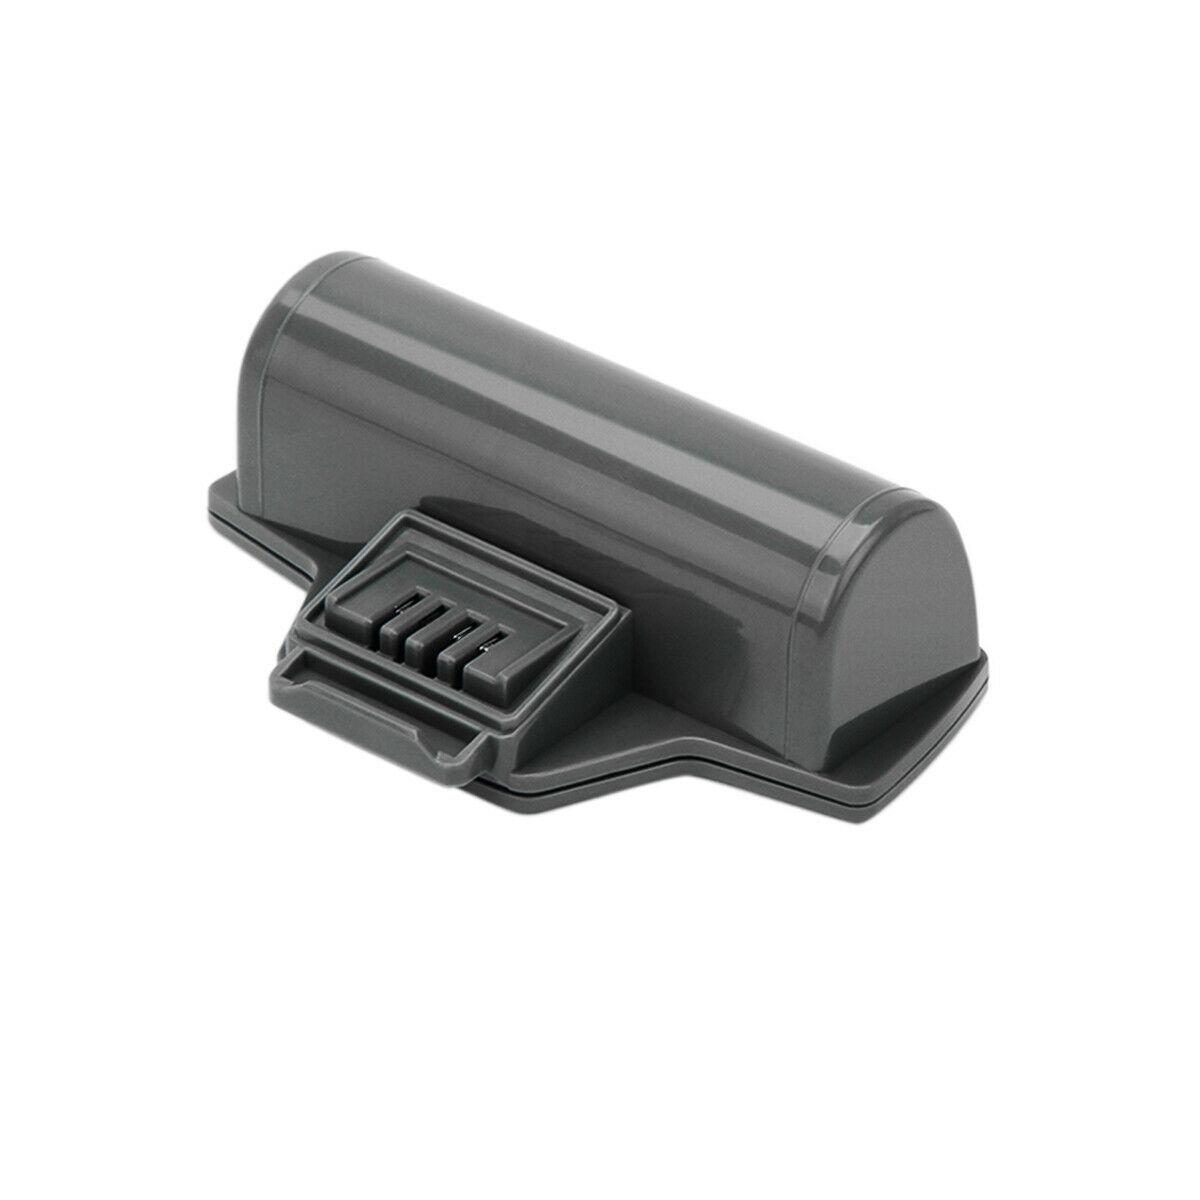 3.7V 3.5Ah Li-ion Karcher 1.633-440.0,1. 633-443.0,WV5,WV50,WV60,WV70 compatible Battery